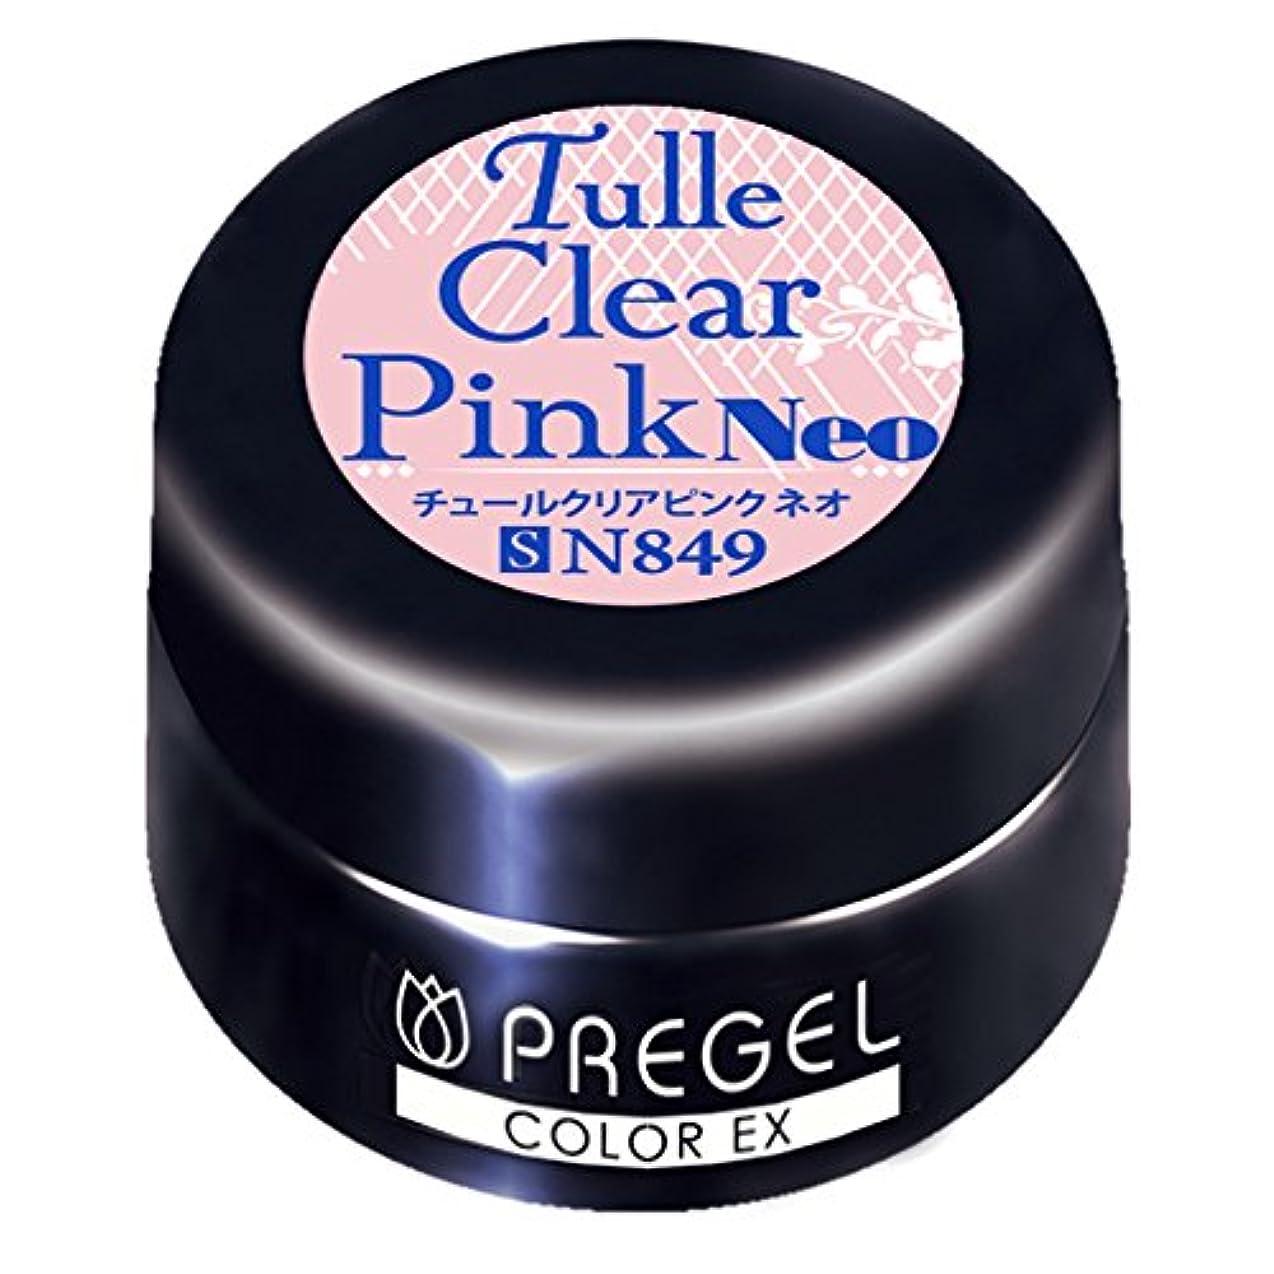 固めるあからさま作曲するPRE GEL カラーEX チュールクリアピンクneo849 3g UV/LED対応